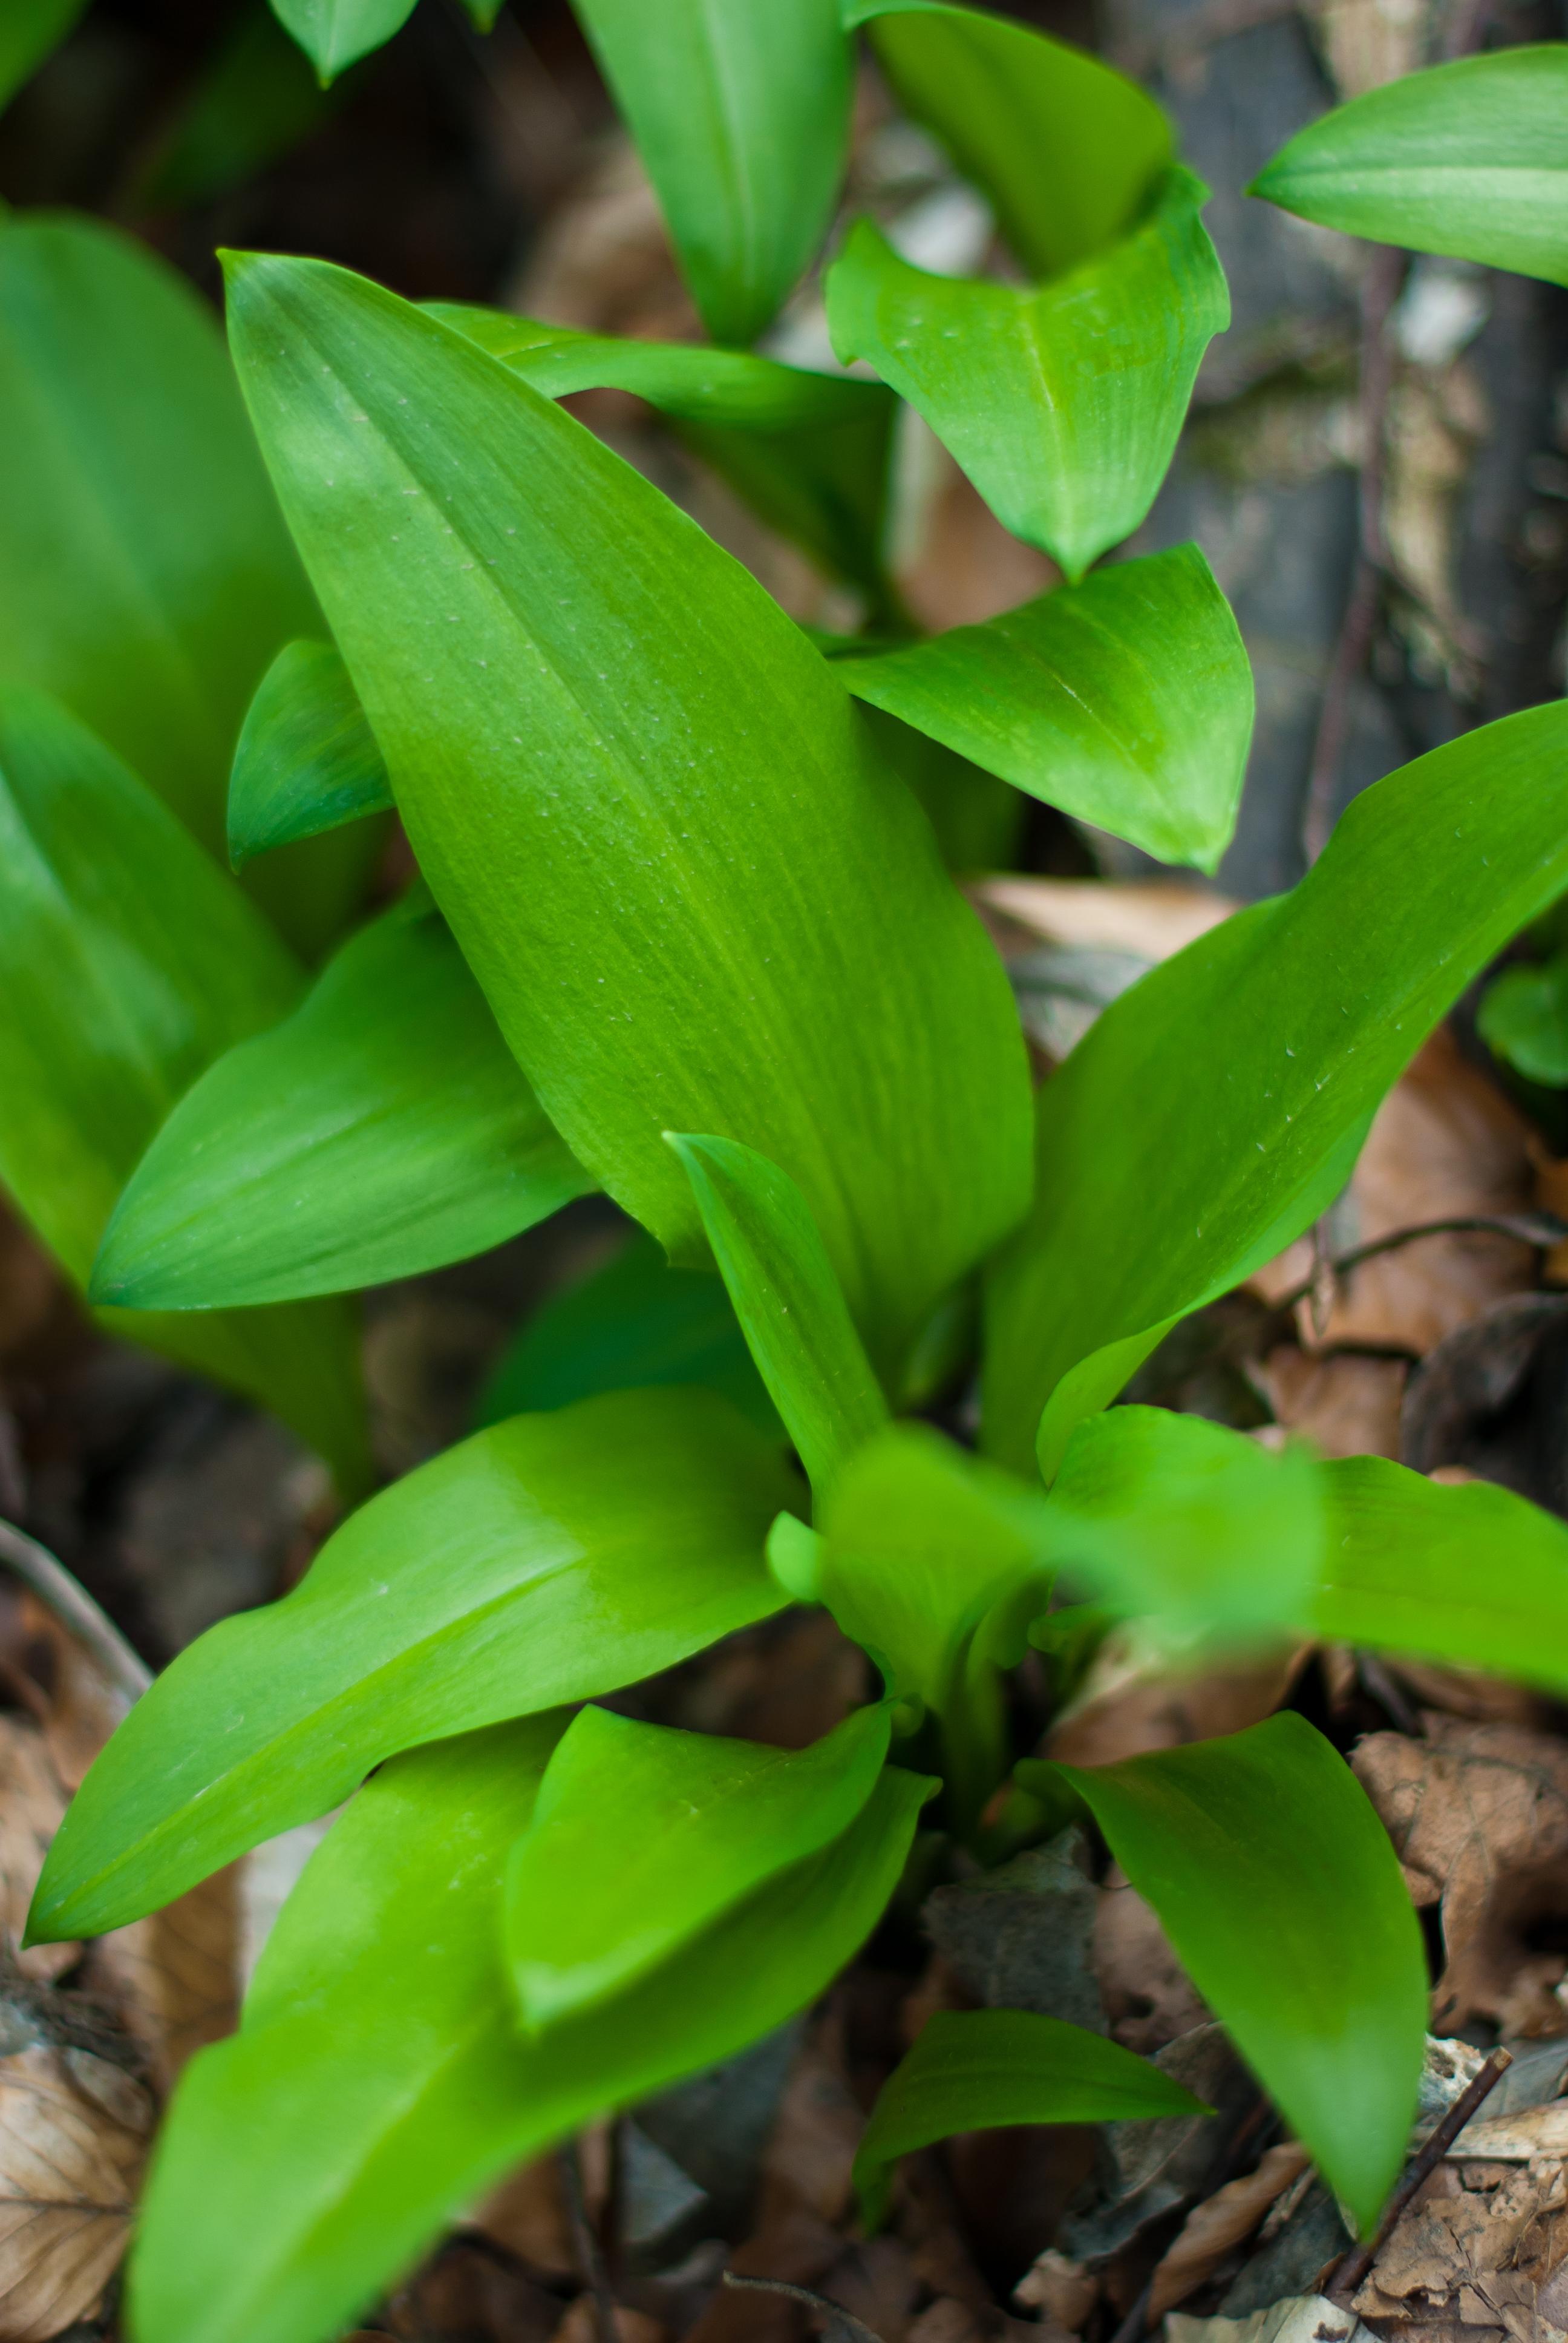 Hasznos és káros vadon termő növények – ne tévesszük őket össze!